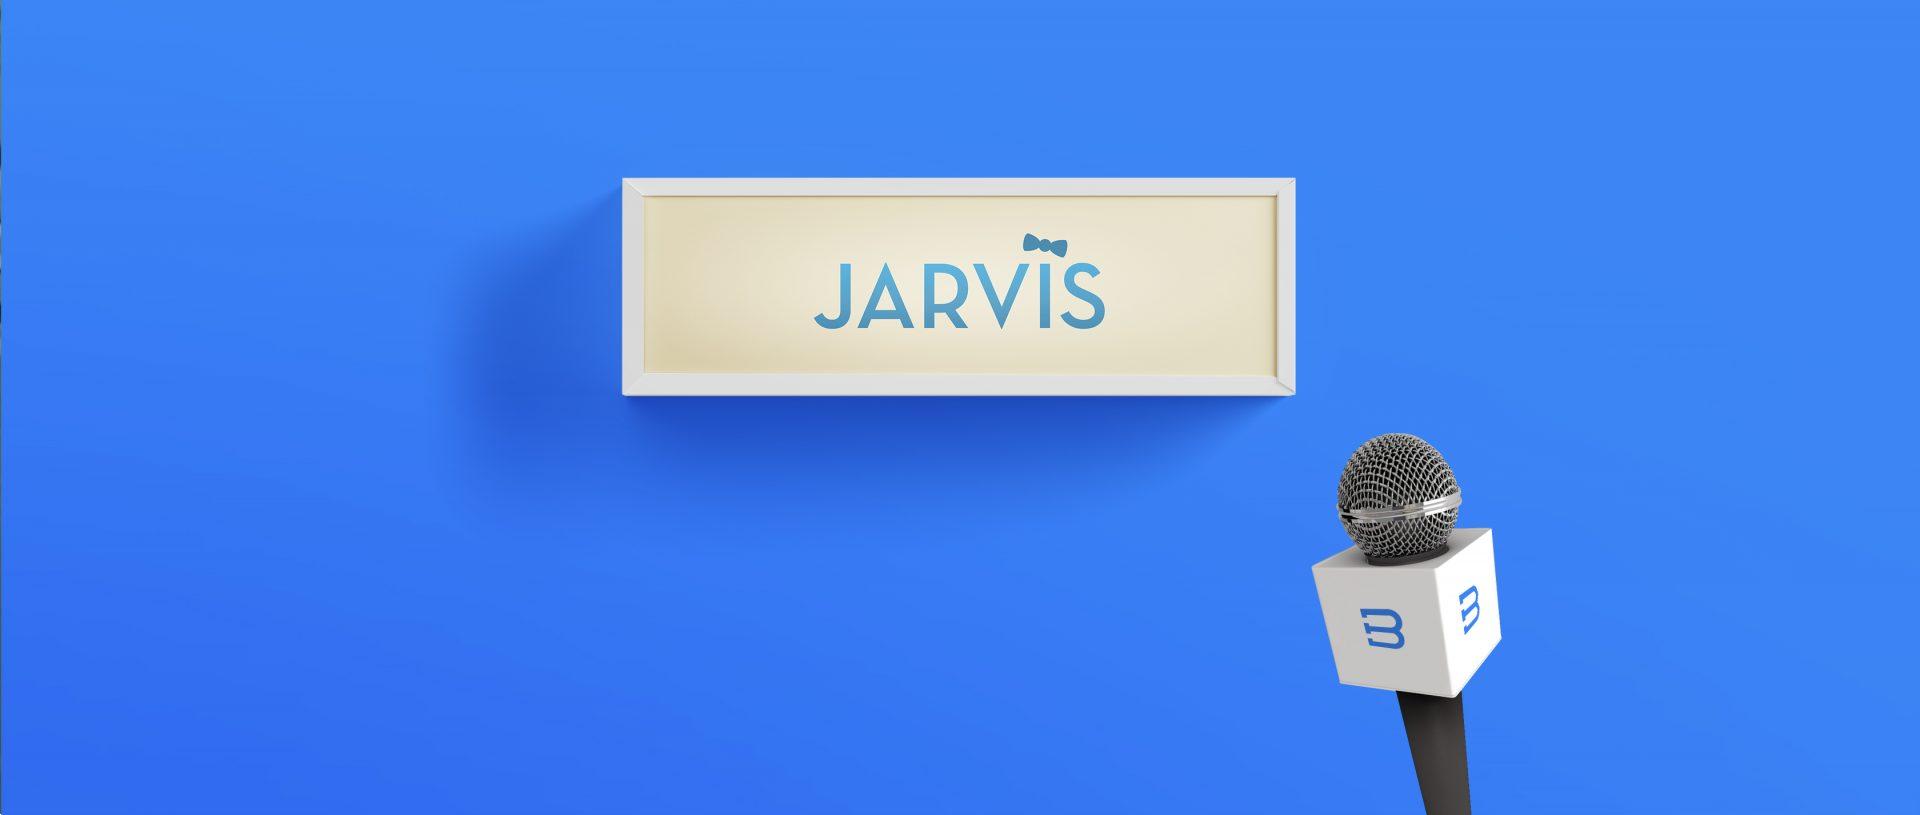 Jarvis Hub permette all'utente finale di controllare e gestire sia in locale che da remoto prodotti diversi di mondi diversi come luci, elettrodomestici, termostati, telecamere, sensori di vari tipi e molti altri prodotti smart disponibili già sul mercato.